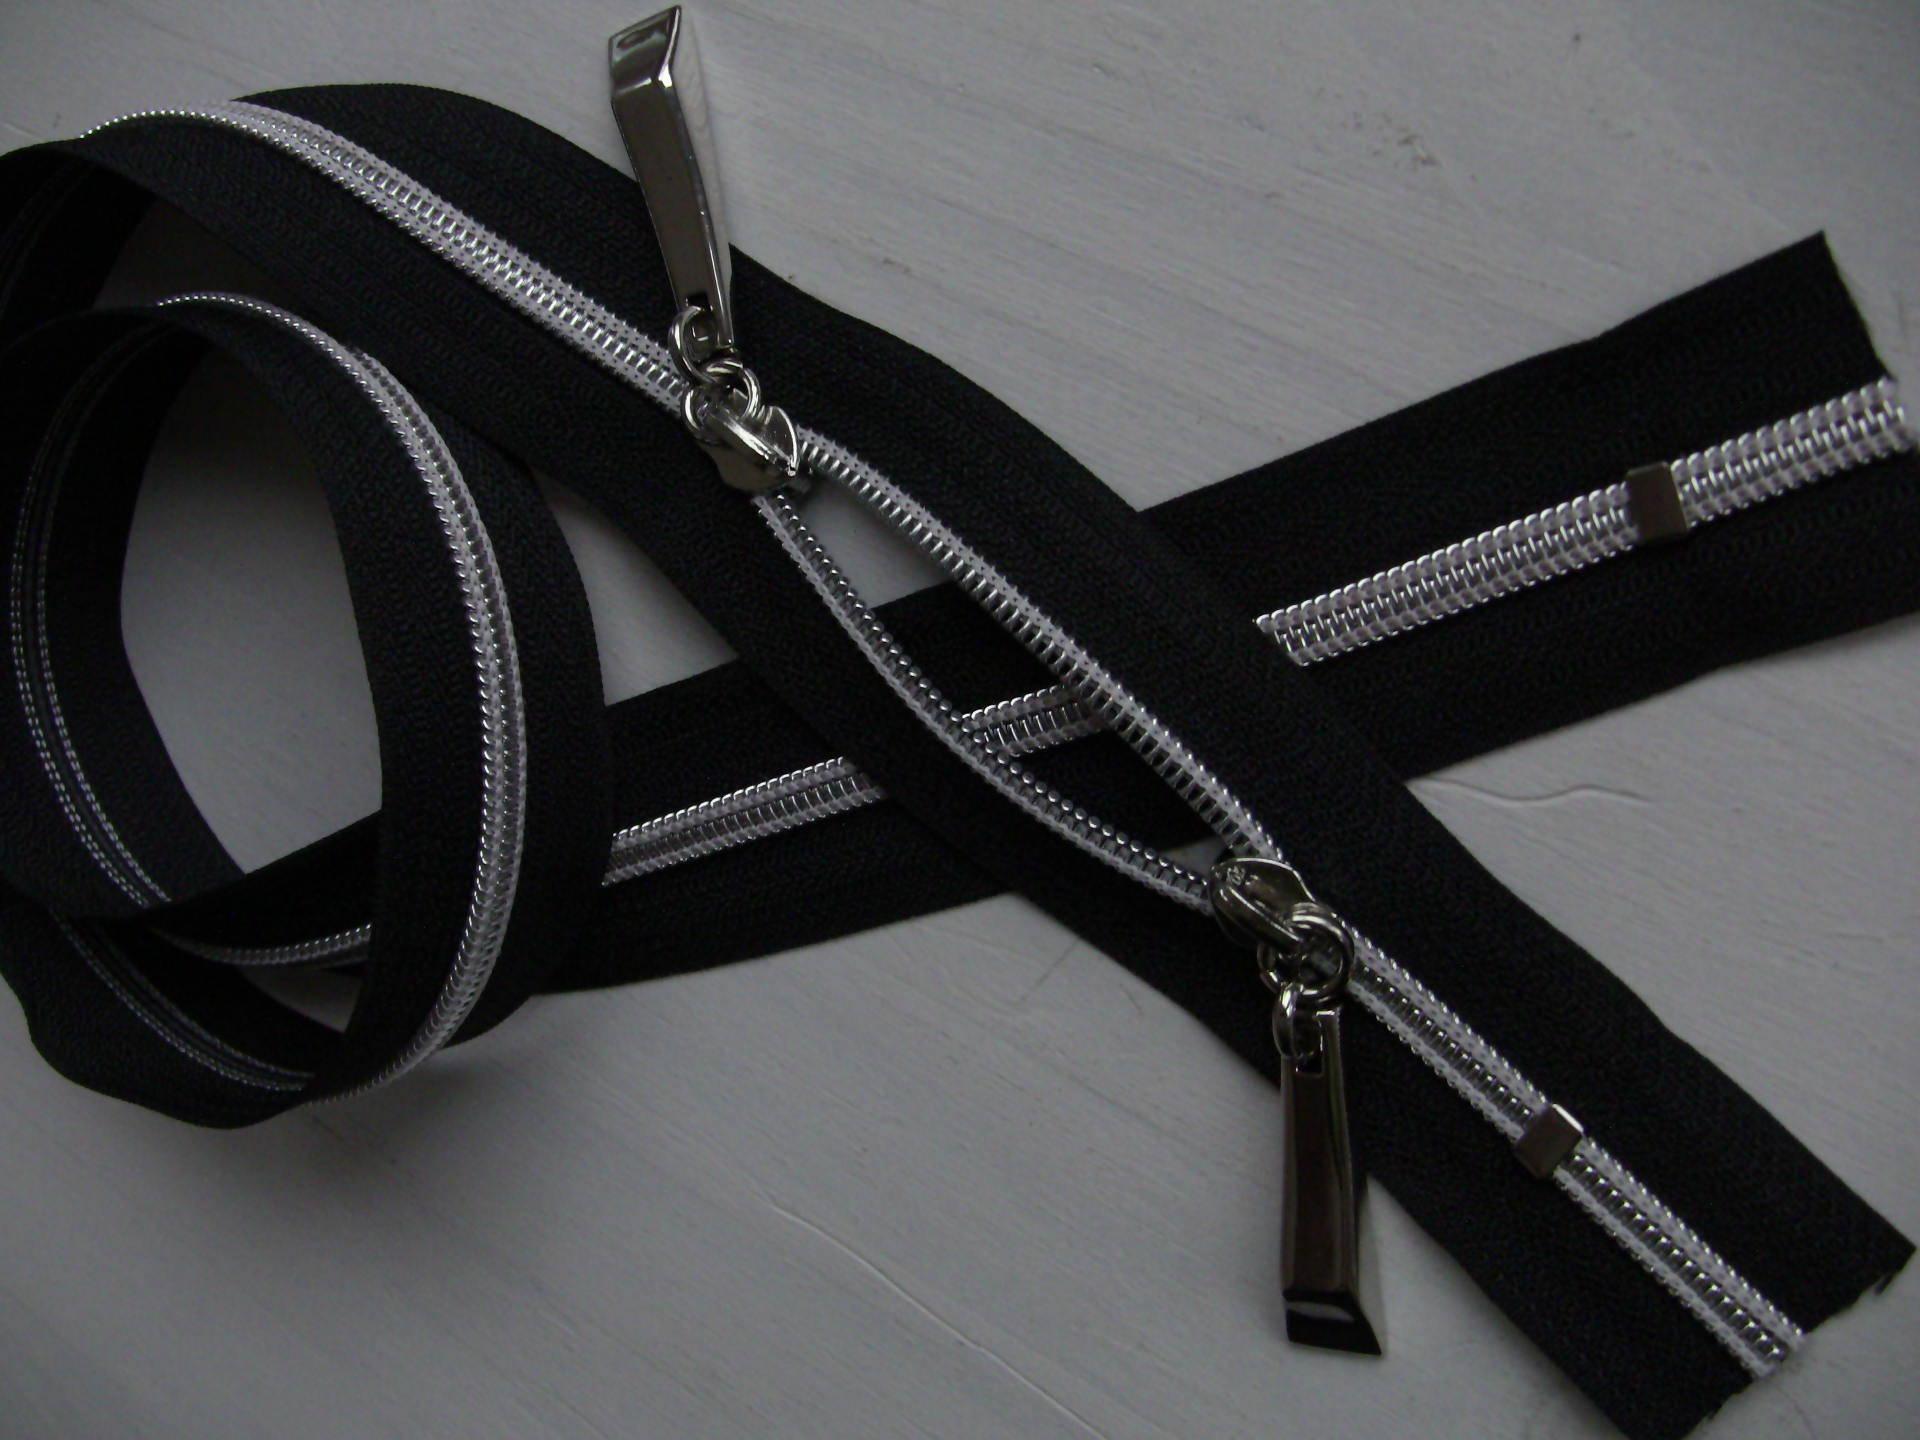 Grande fermeture eclair noir double curseurs massifs argentés longue de 1 metre special sac n6/2cur6006